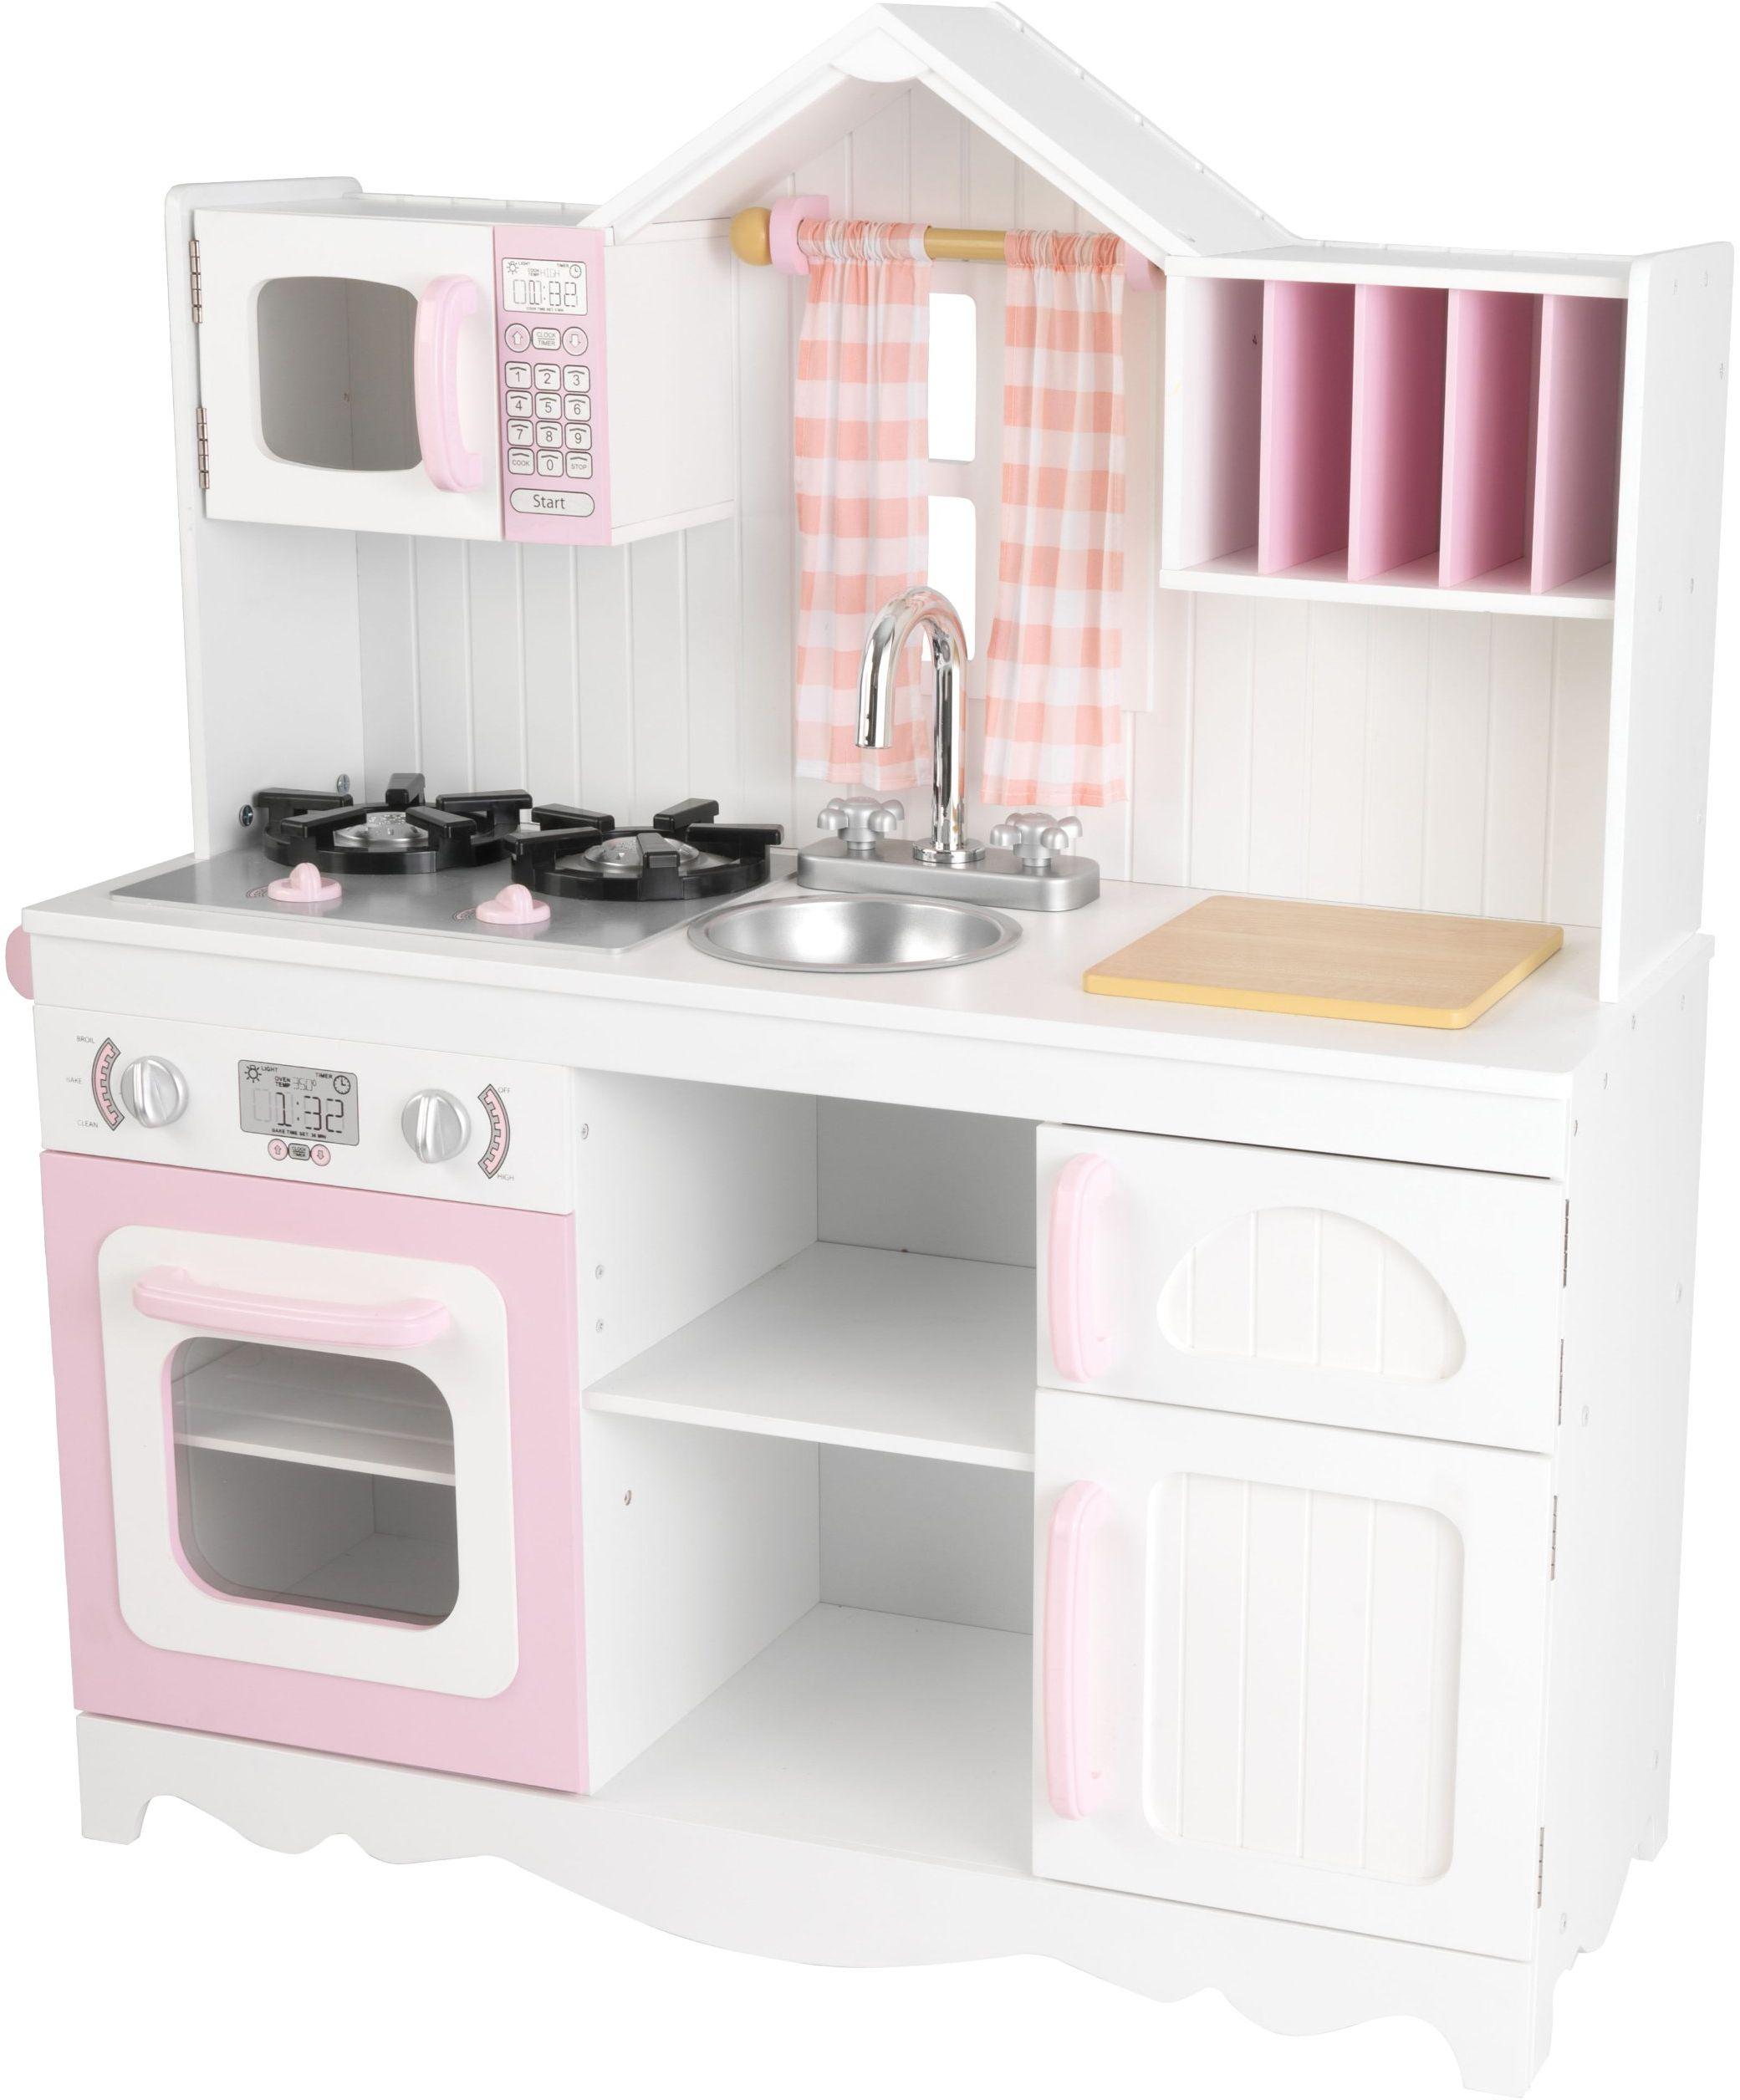 KidKraft 53222 Współczesna kuchnia do zabawy, kolor różowy i biały